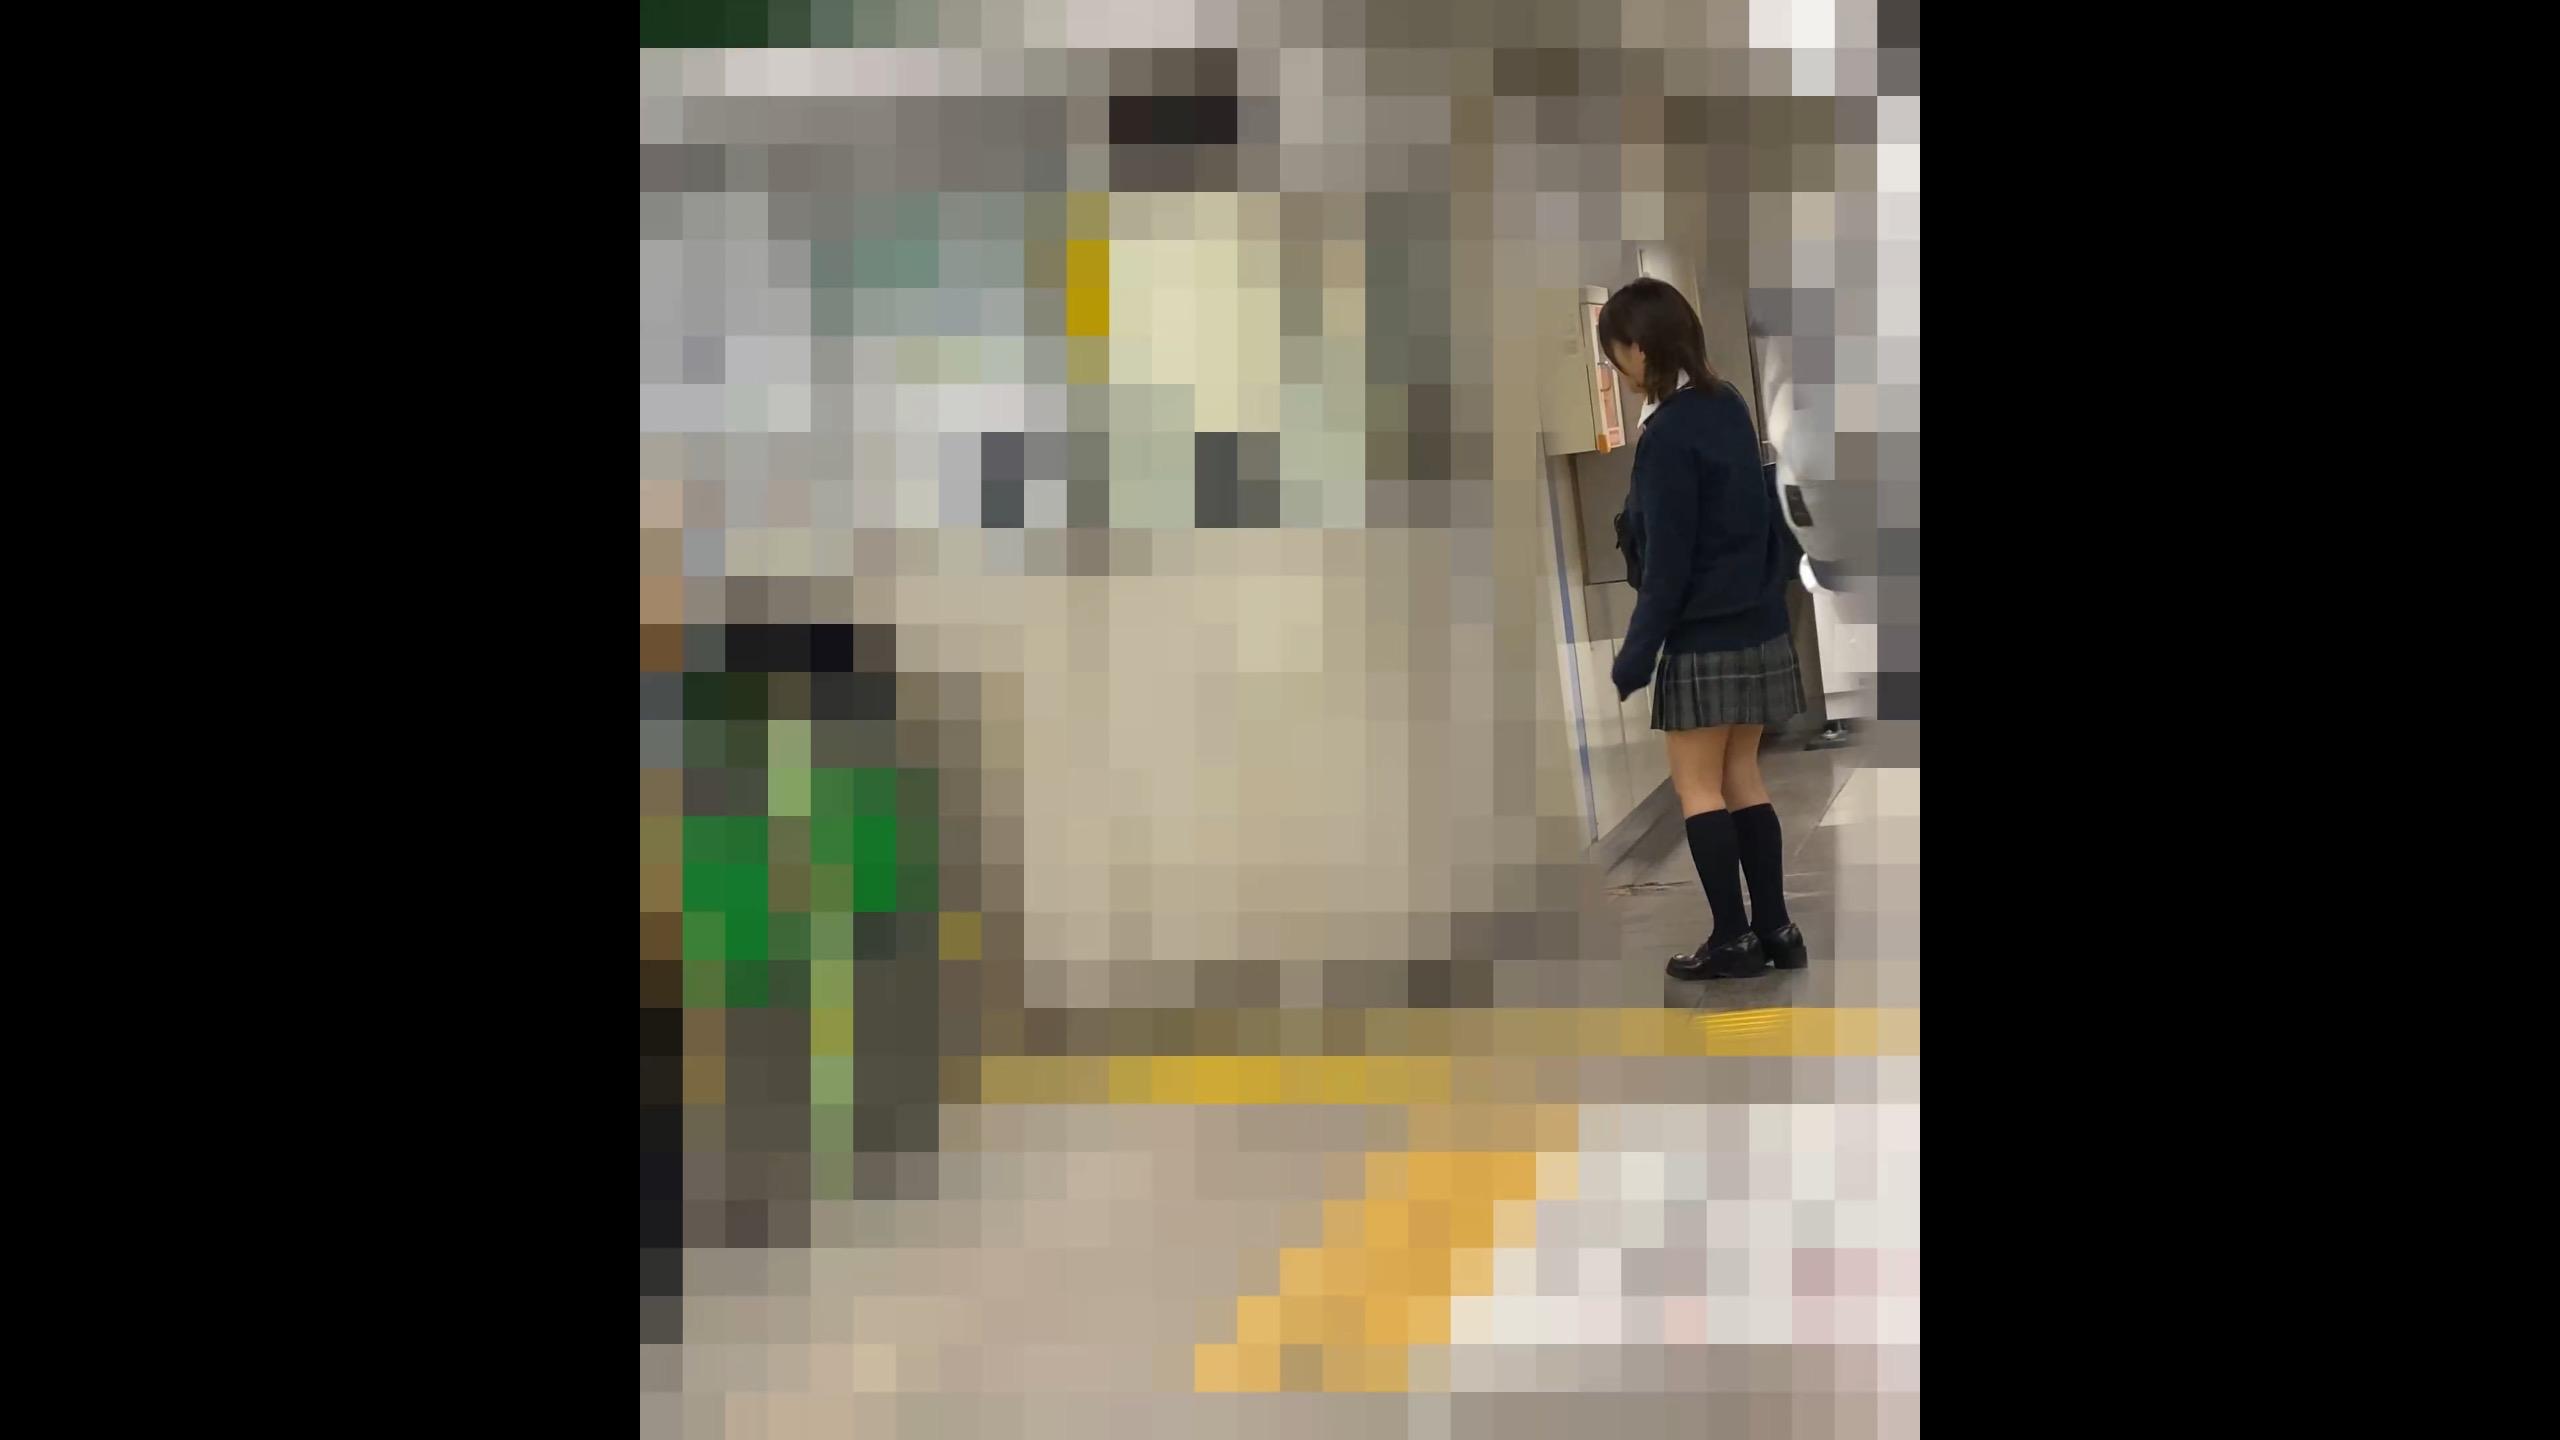 【電射男002】めちゃくちゃ可愛い女子●生の生太ももに特濃精子かけてやりました画像つき詳細レビュー